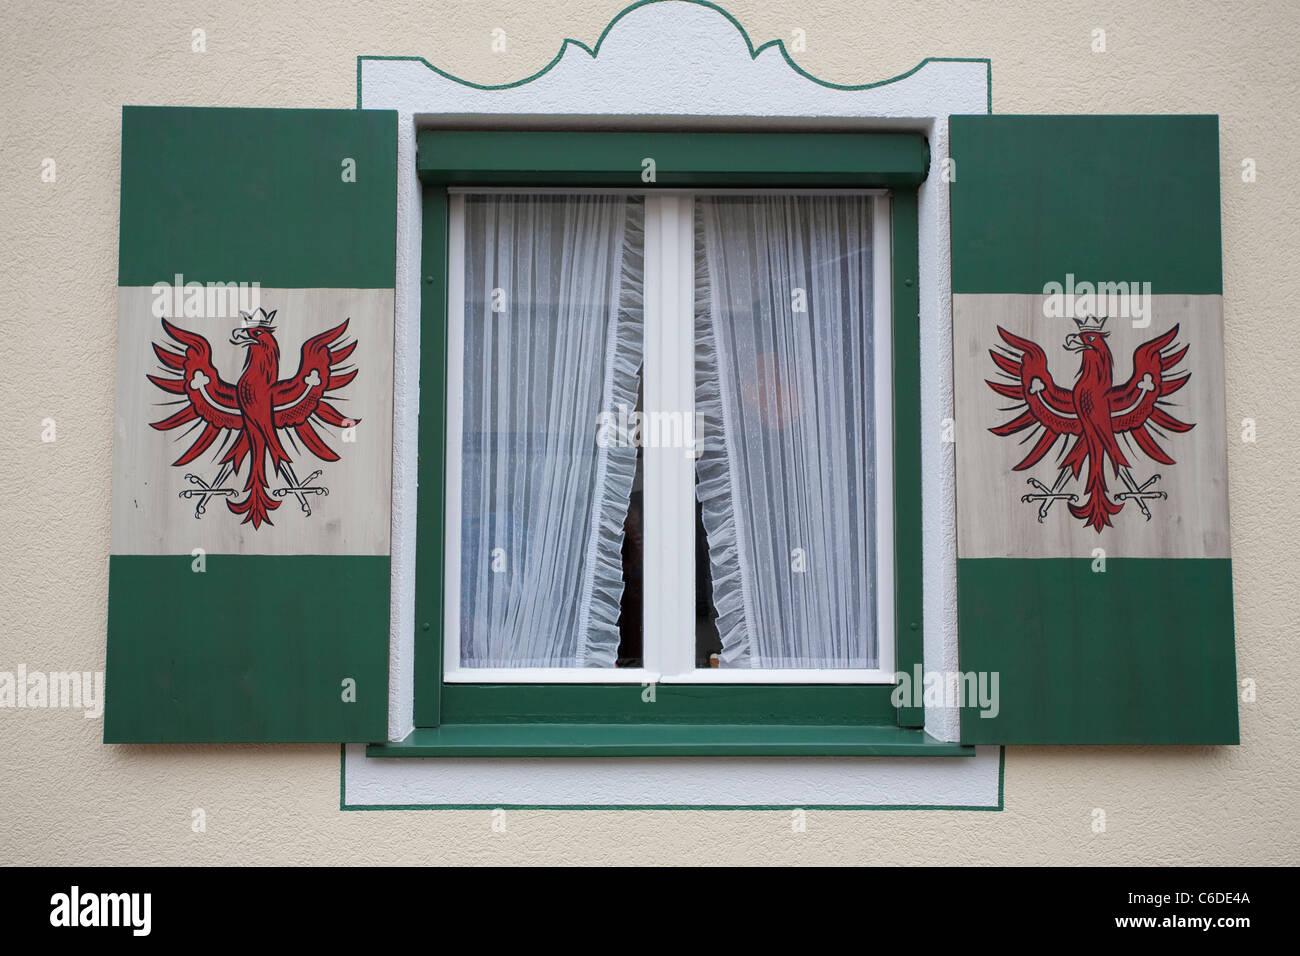 Fensterlaeden mit aufgemaltem Tiroler Landeswappen, Vorderlanersbach, Windows shutter with Tirol emblem, red eagle - Stock Image